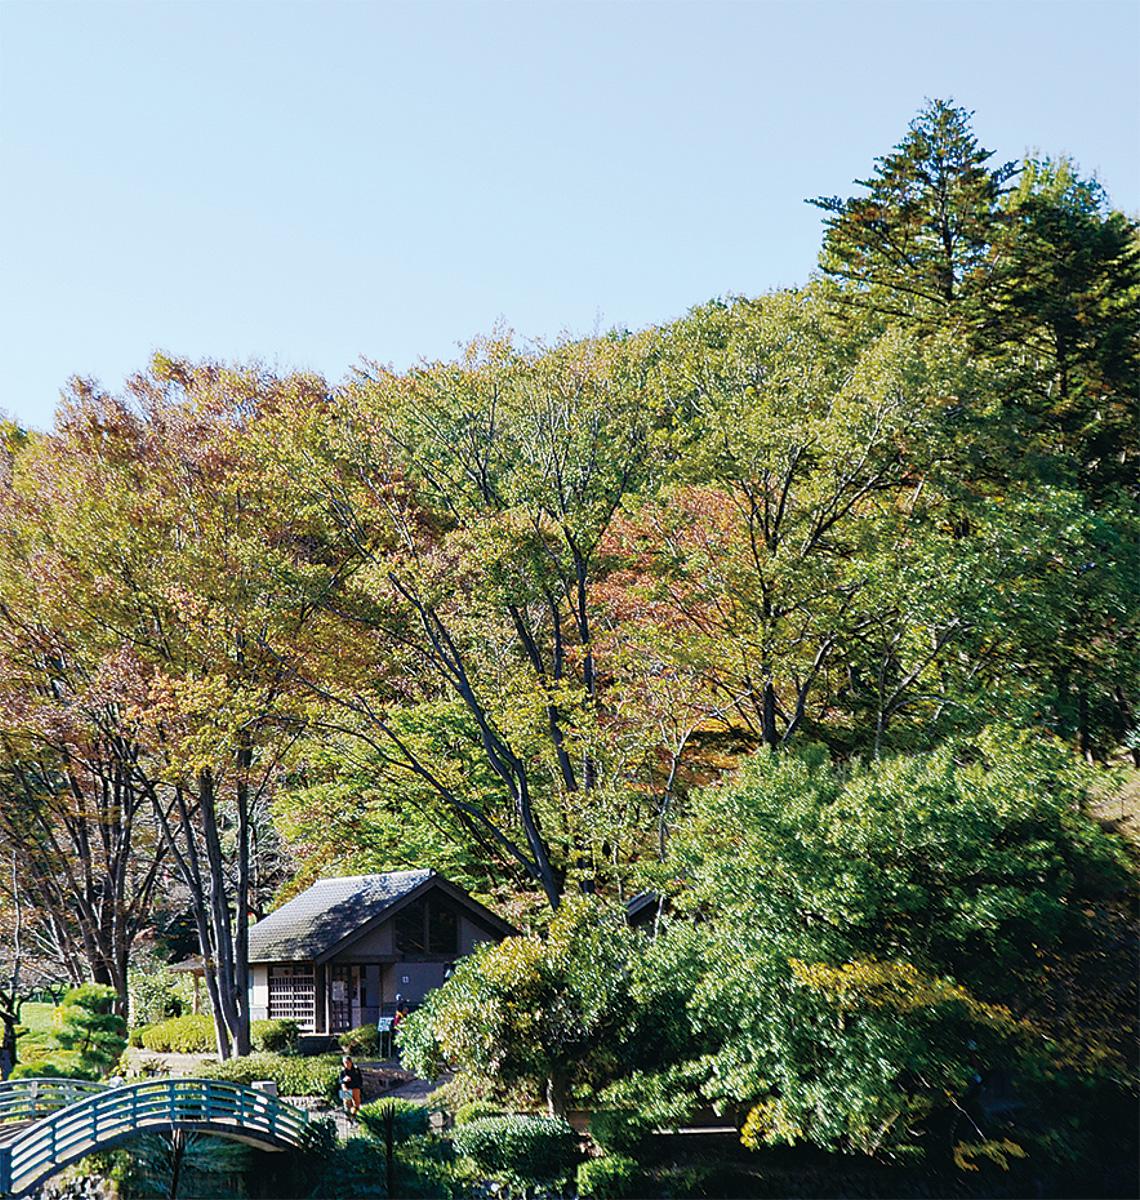 色づく秋に魅せられて